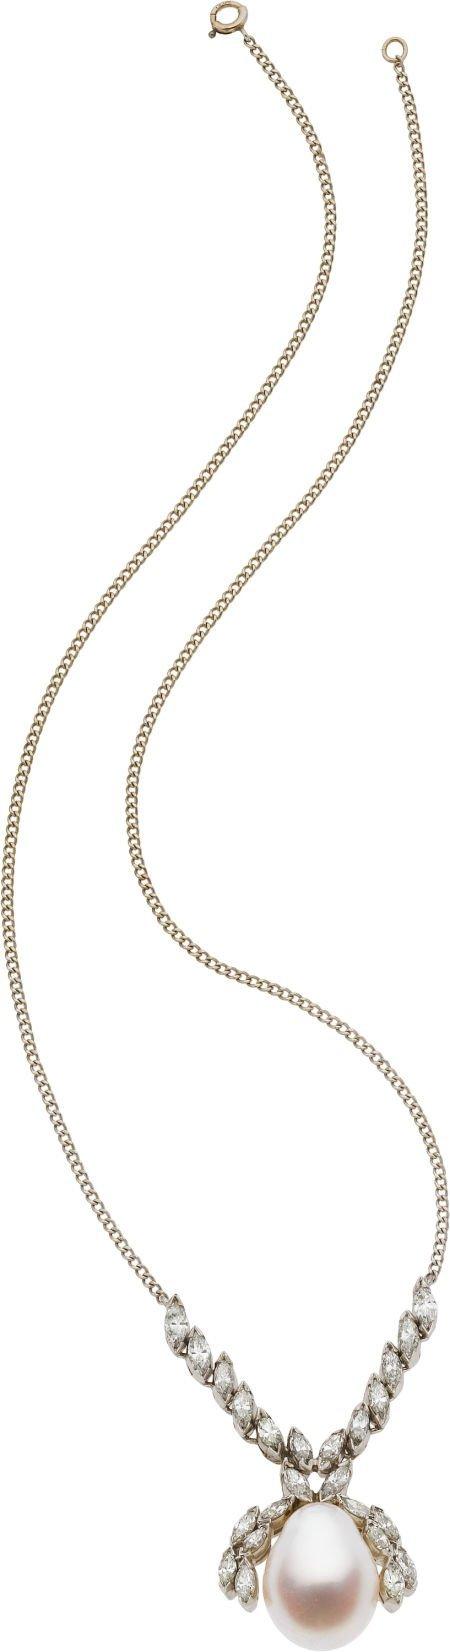 59090: Baroque South Sea Cultured Pearl, Diamond, Plati